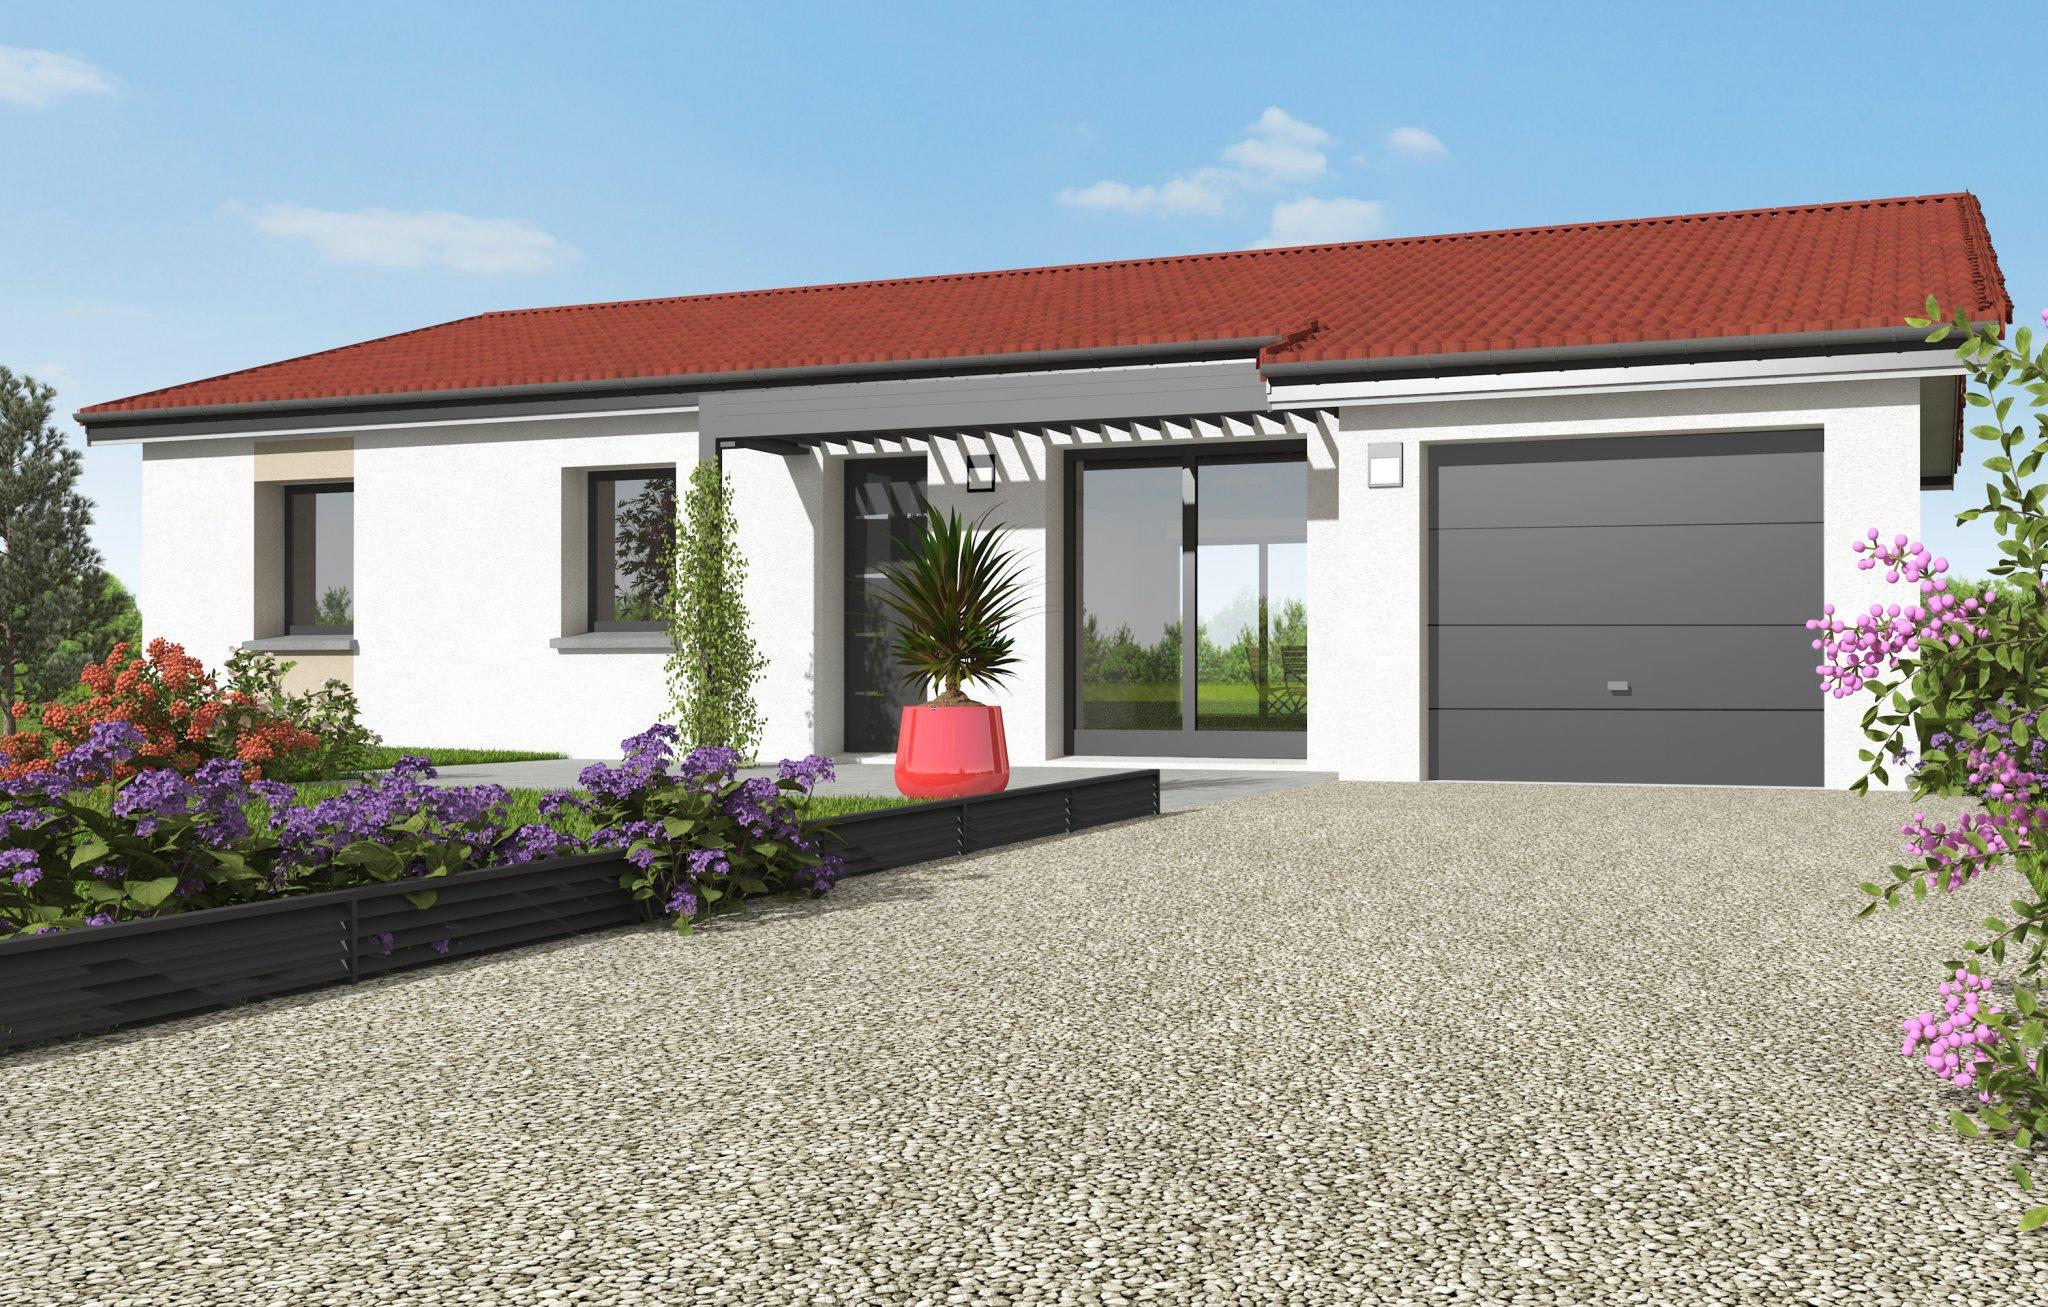 Maisons du constructeur MAISONS CLEDOR • 95 m² • SAINT CIRGUES SUR COUZE